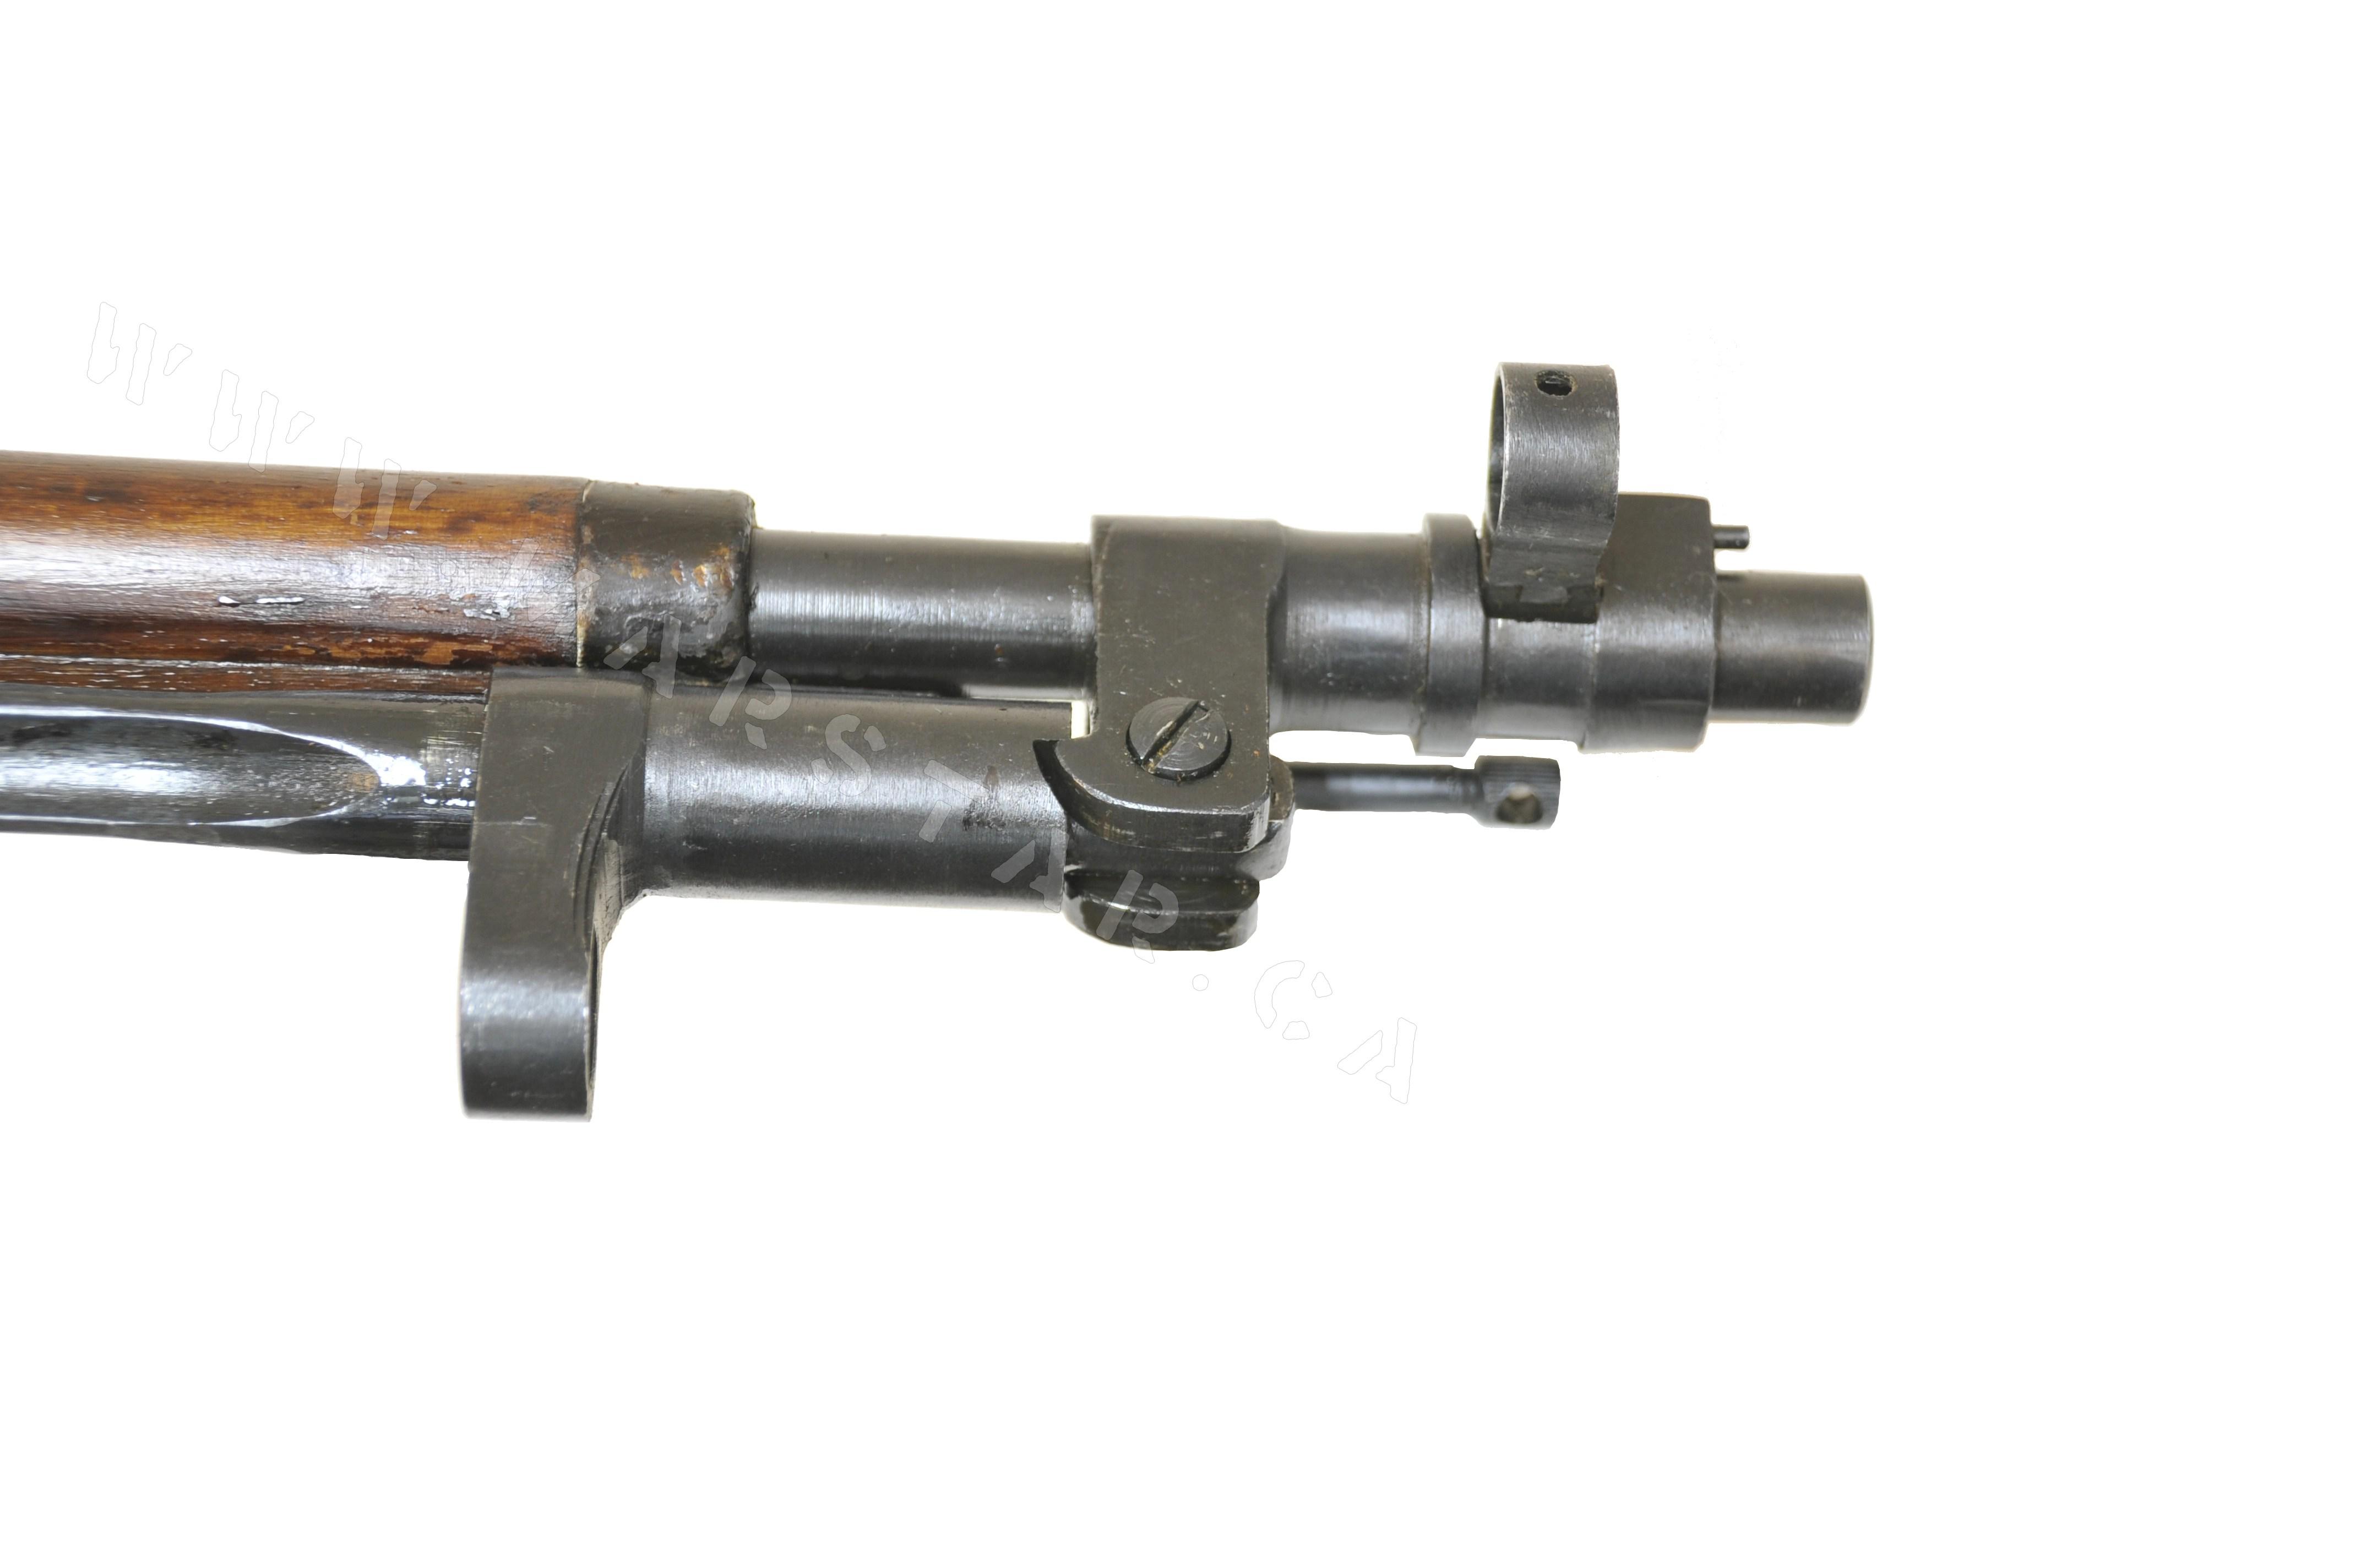 Mosin Nagant w/Mosin Nagant 91/30 with experimental Semin Bayonet